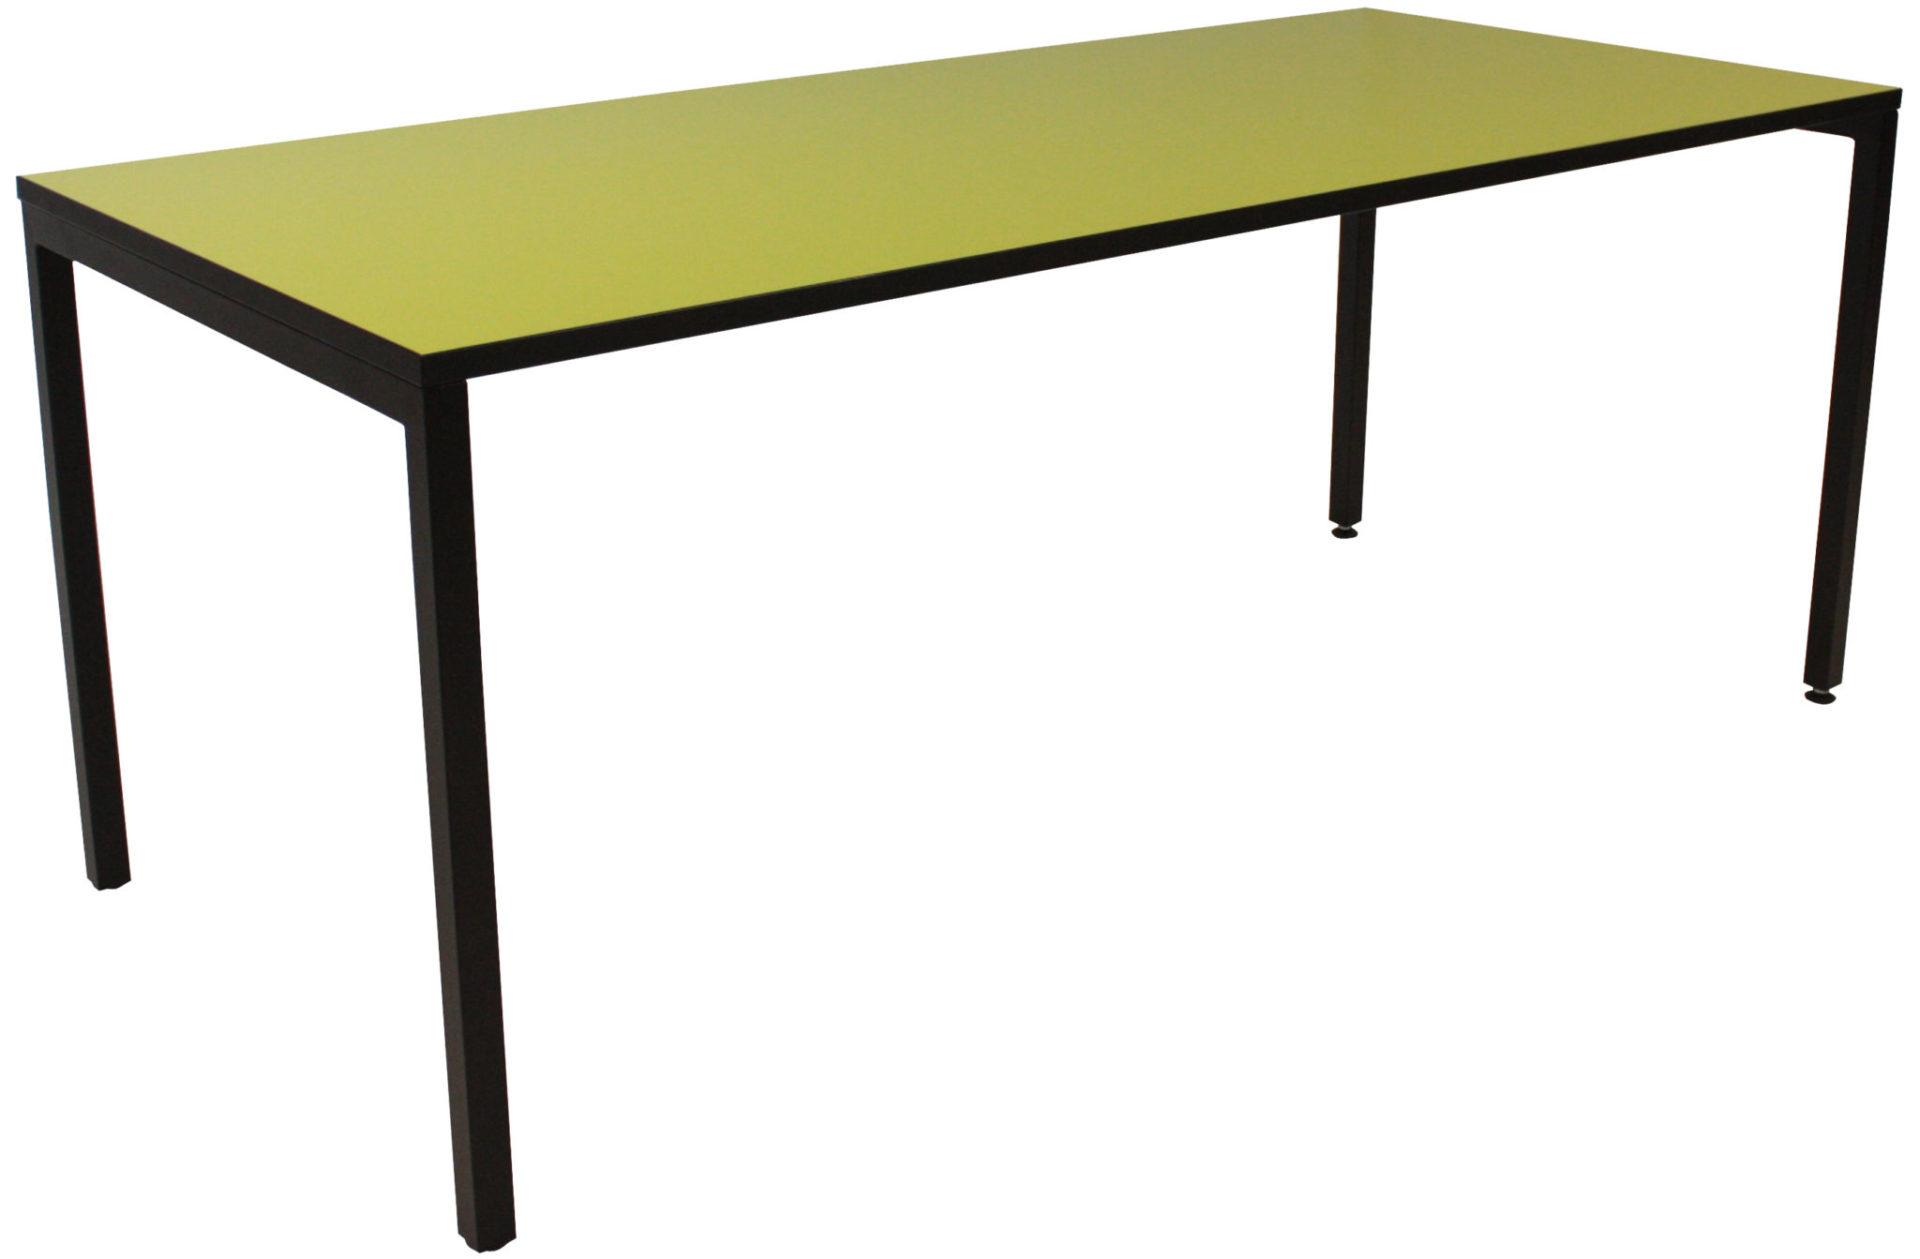 IF Square bord med sort stel - se vores regngøringsvejledning